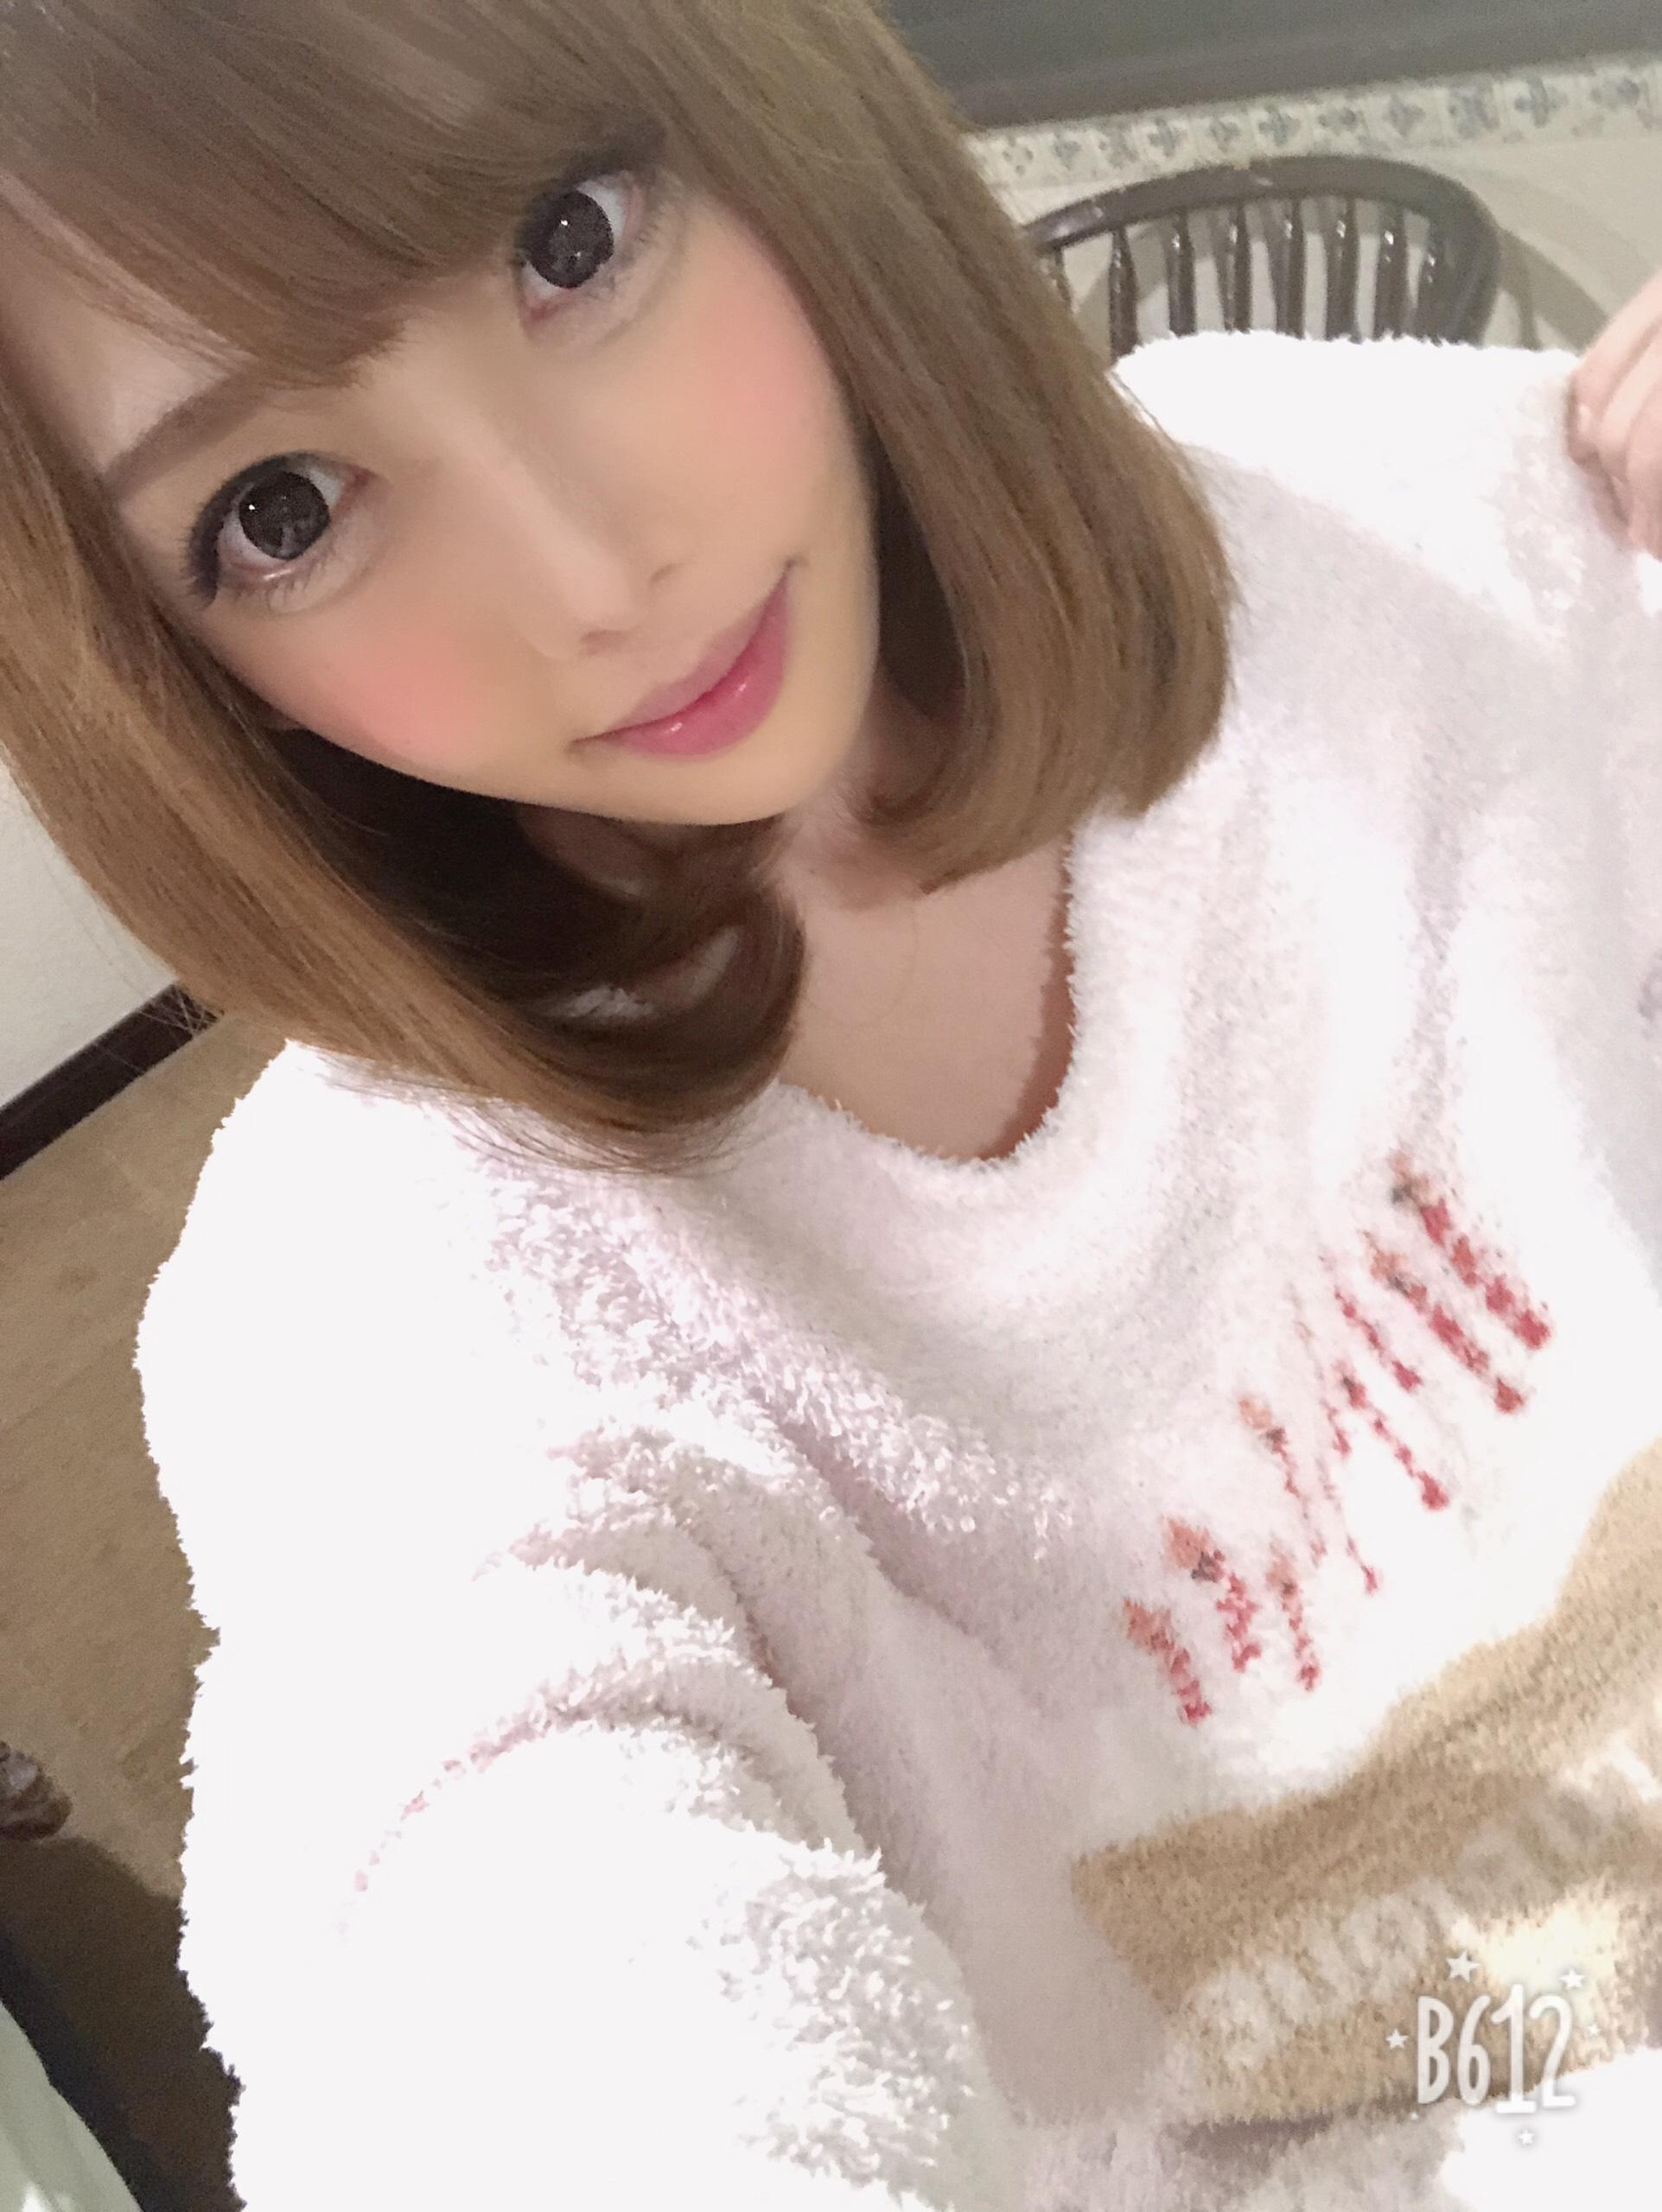 「最悪〜」11/26(月) 18:12 | ミリナの写メ・風俗動画